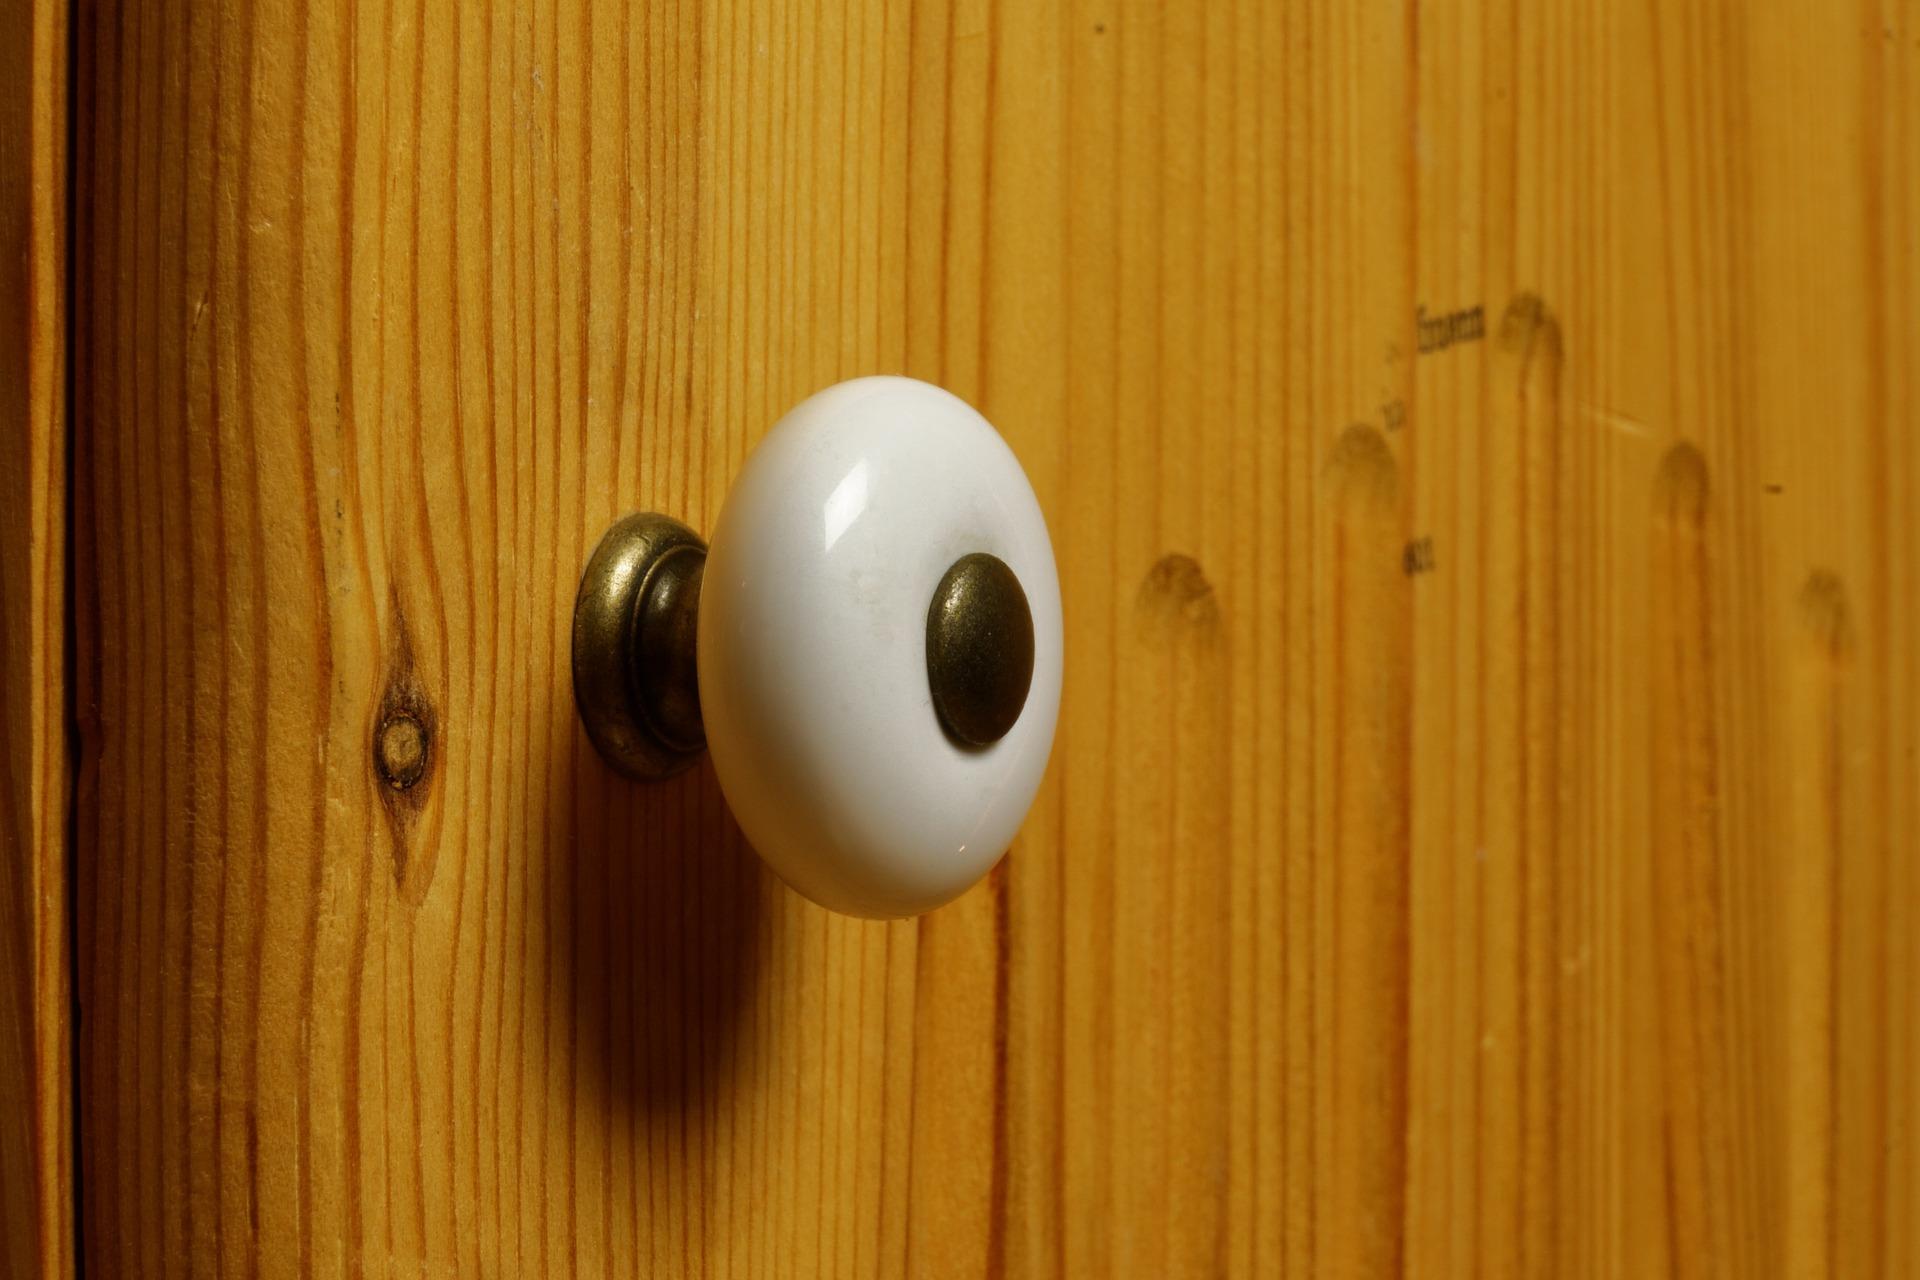 Mit deiner Heißklebepistole kannst du knallende Türen beruhigen ...